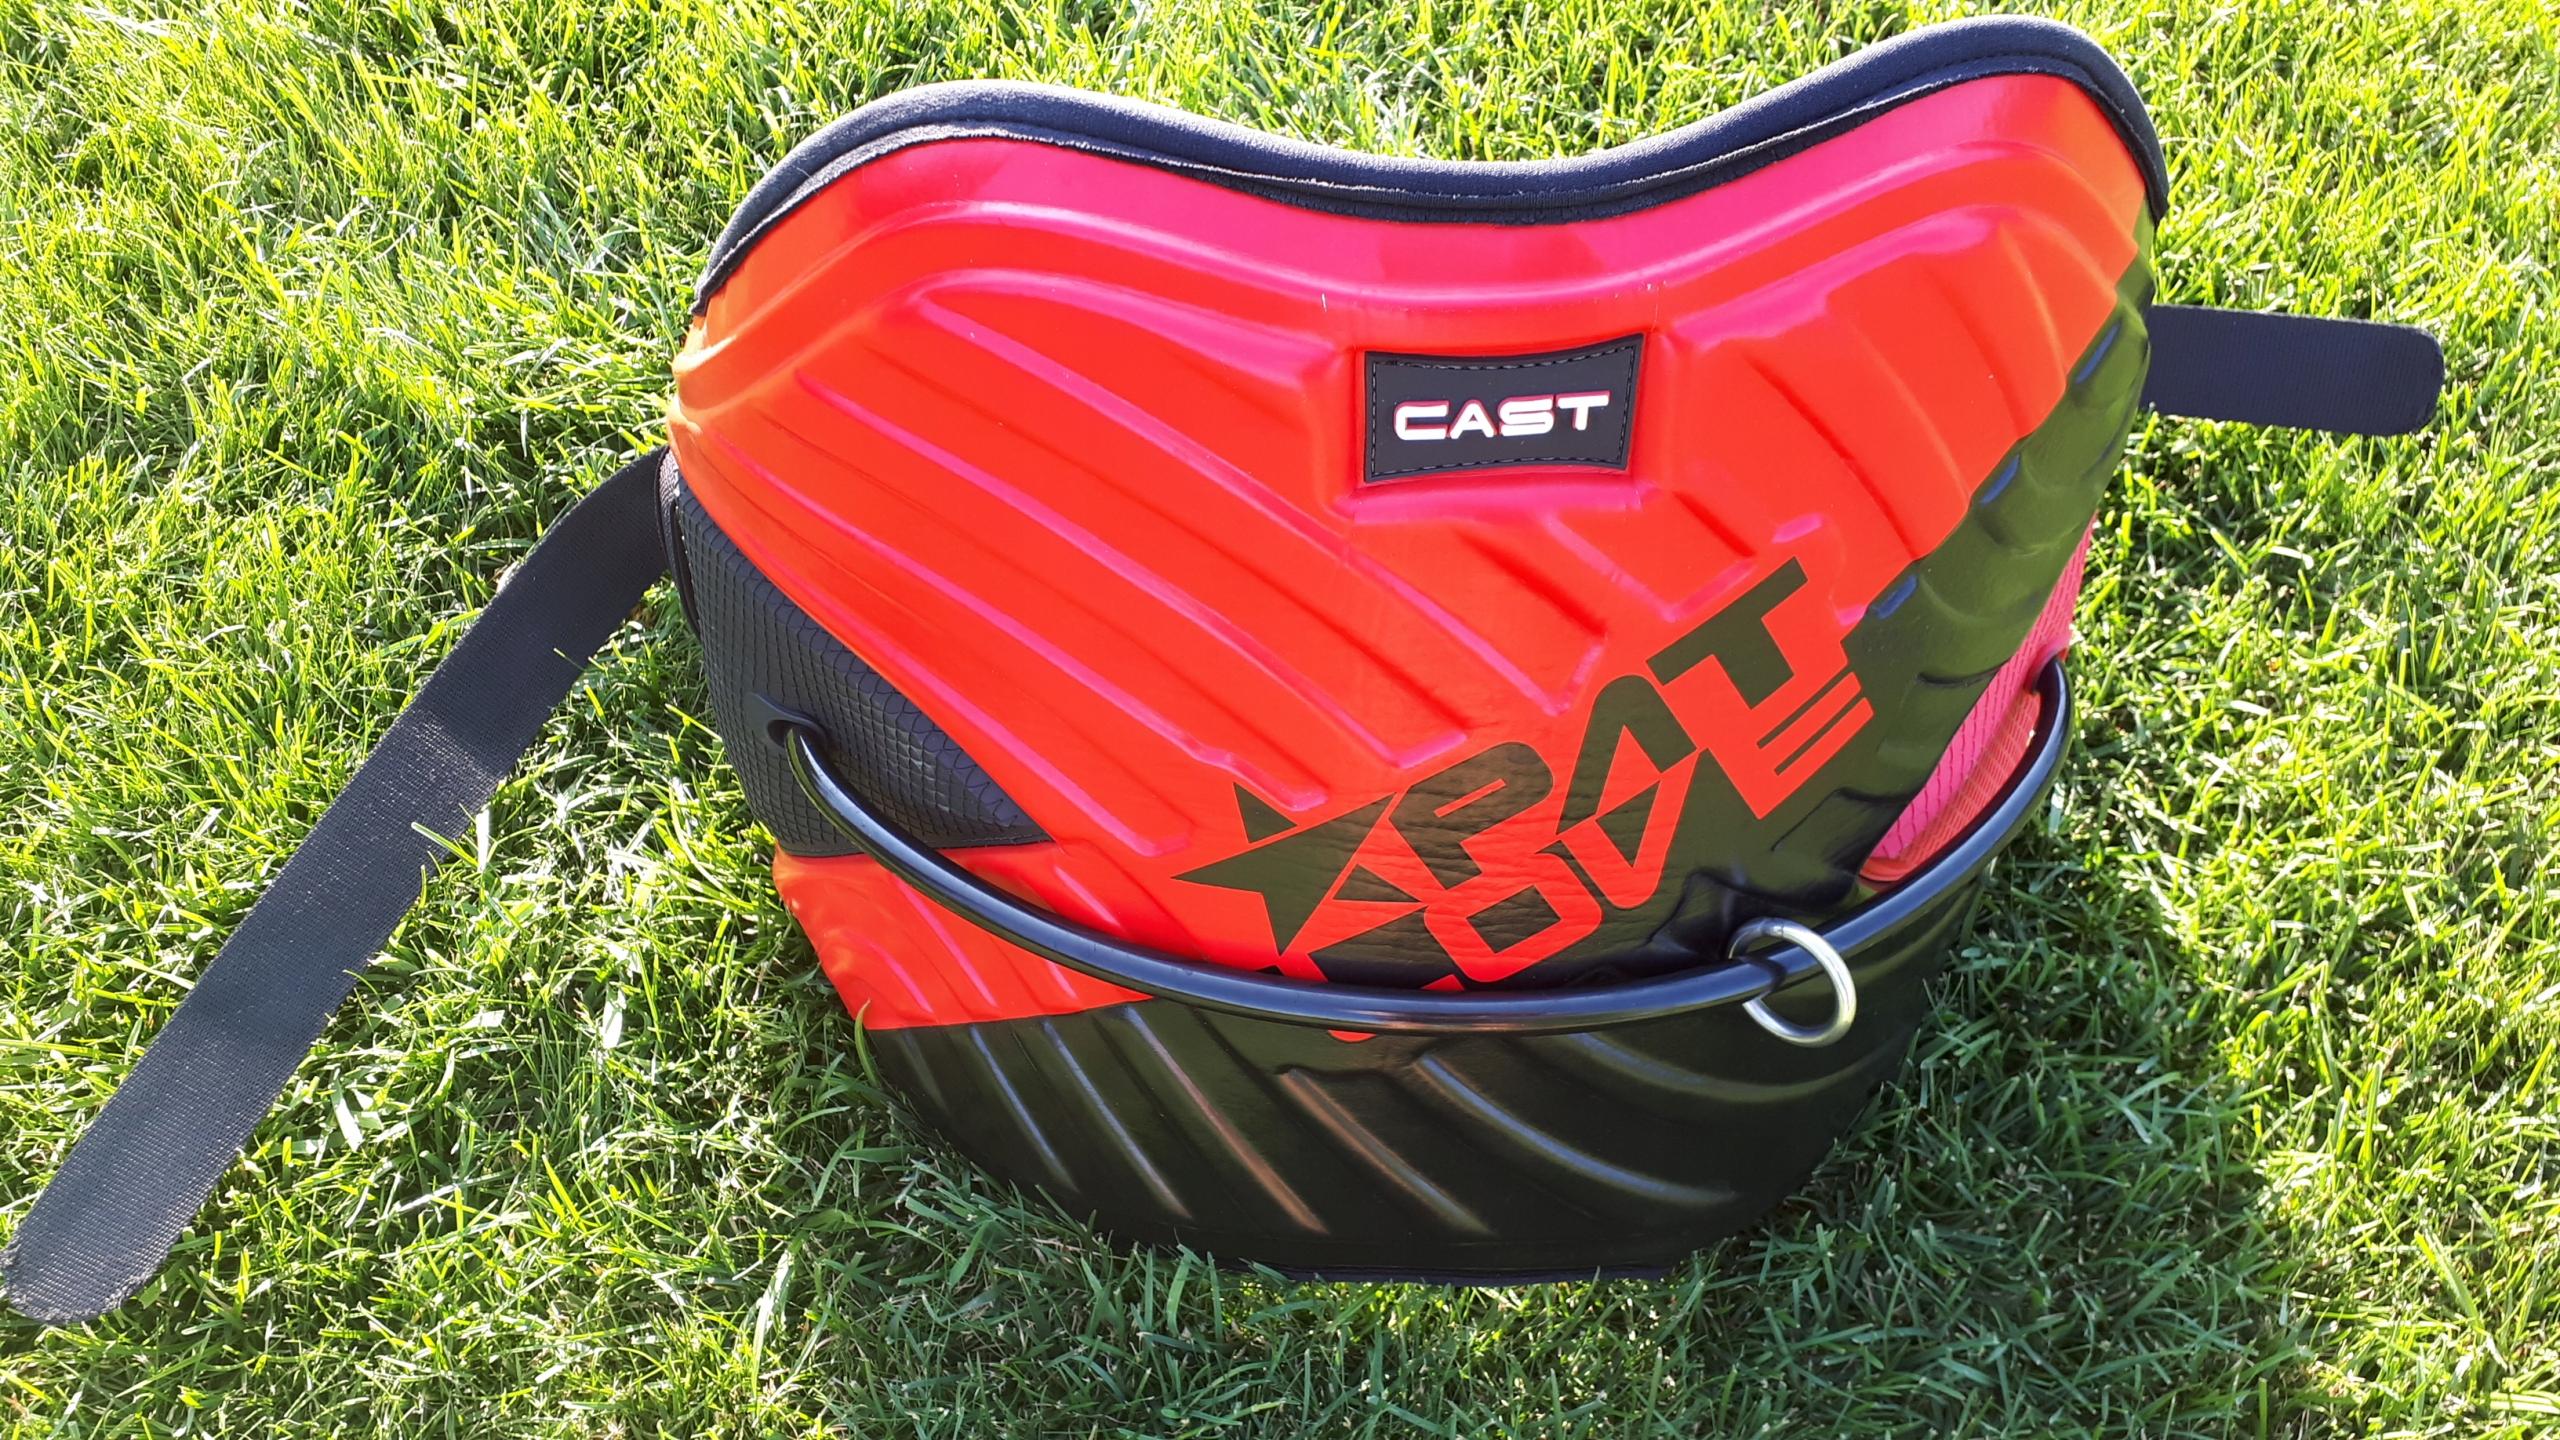 TRAPEZ KITE PAT LOVE CAST XL